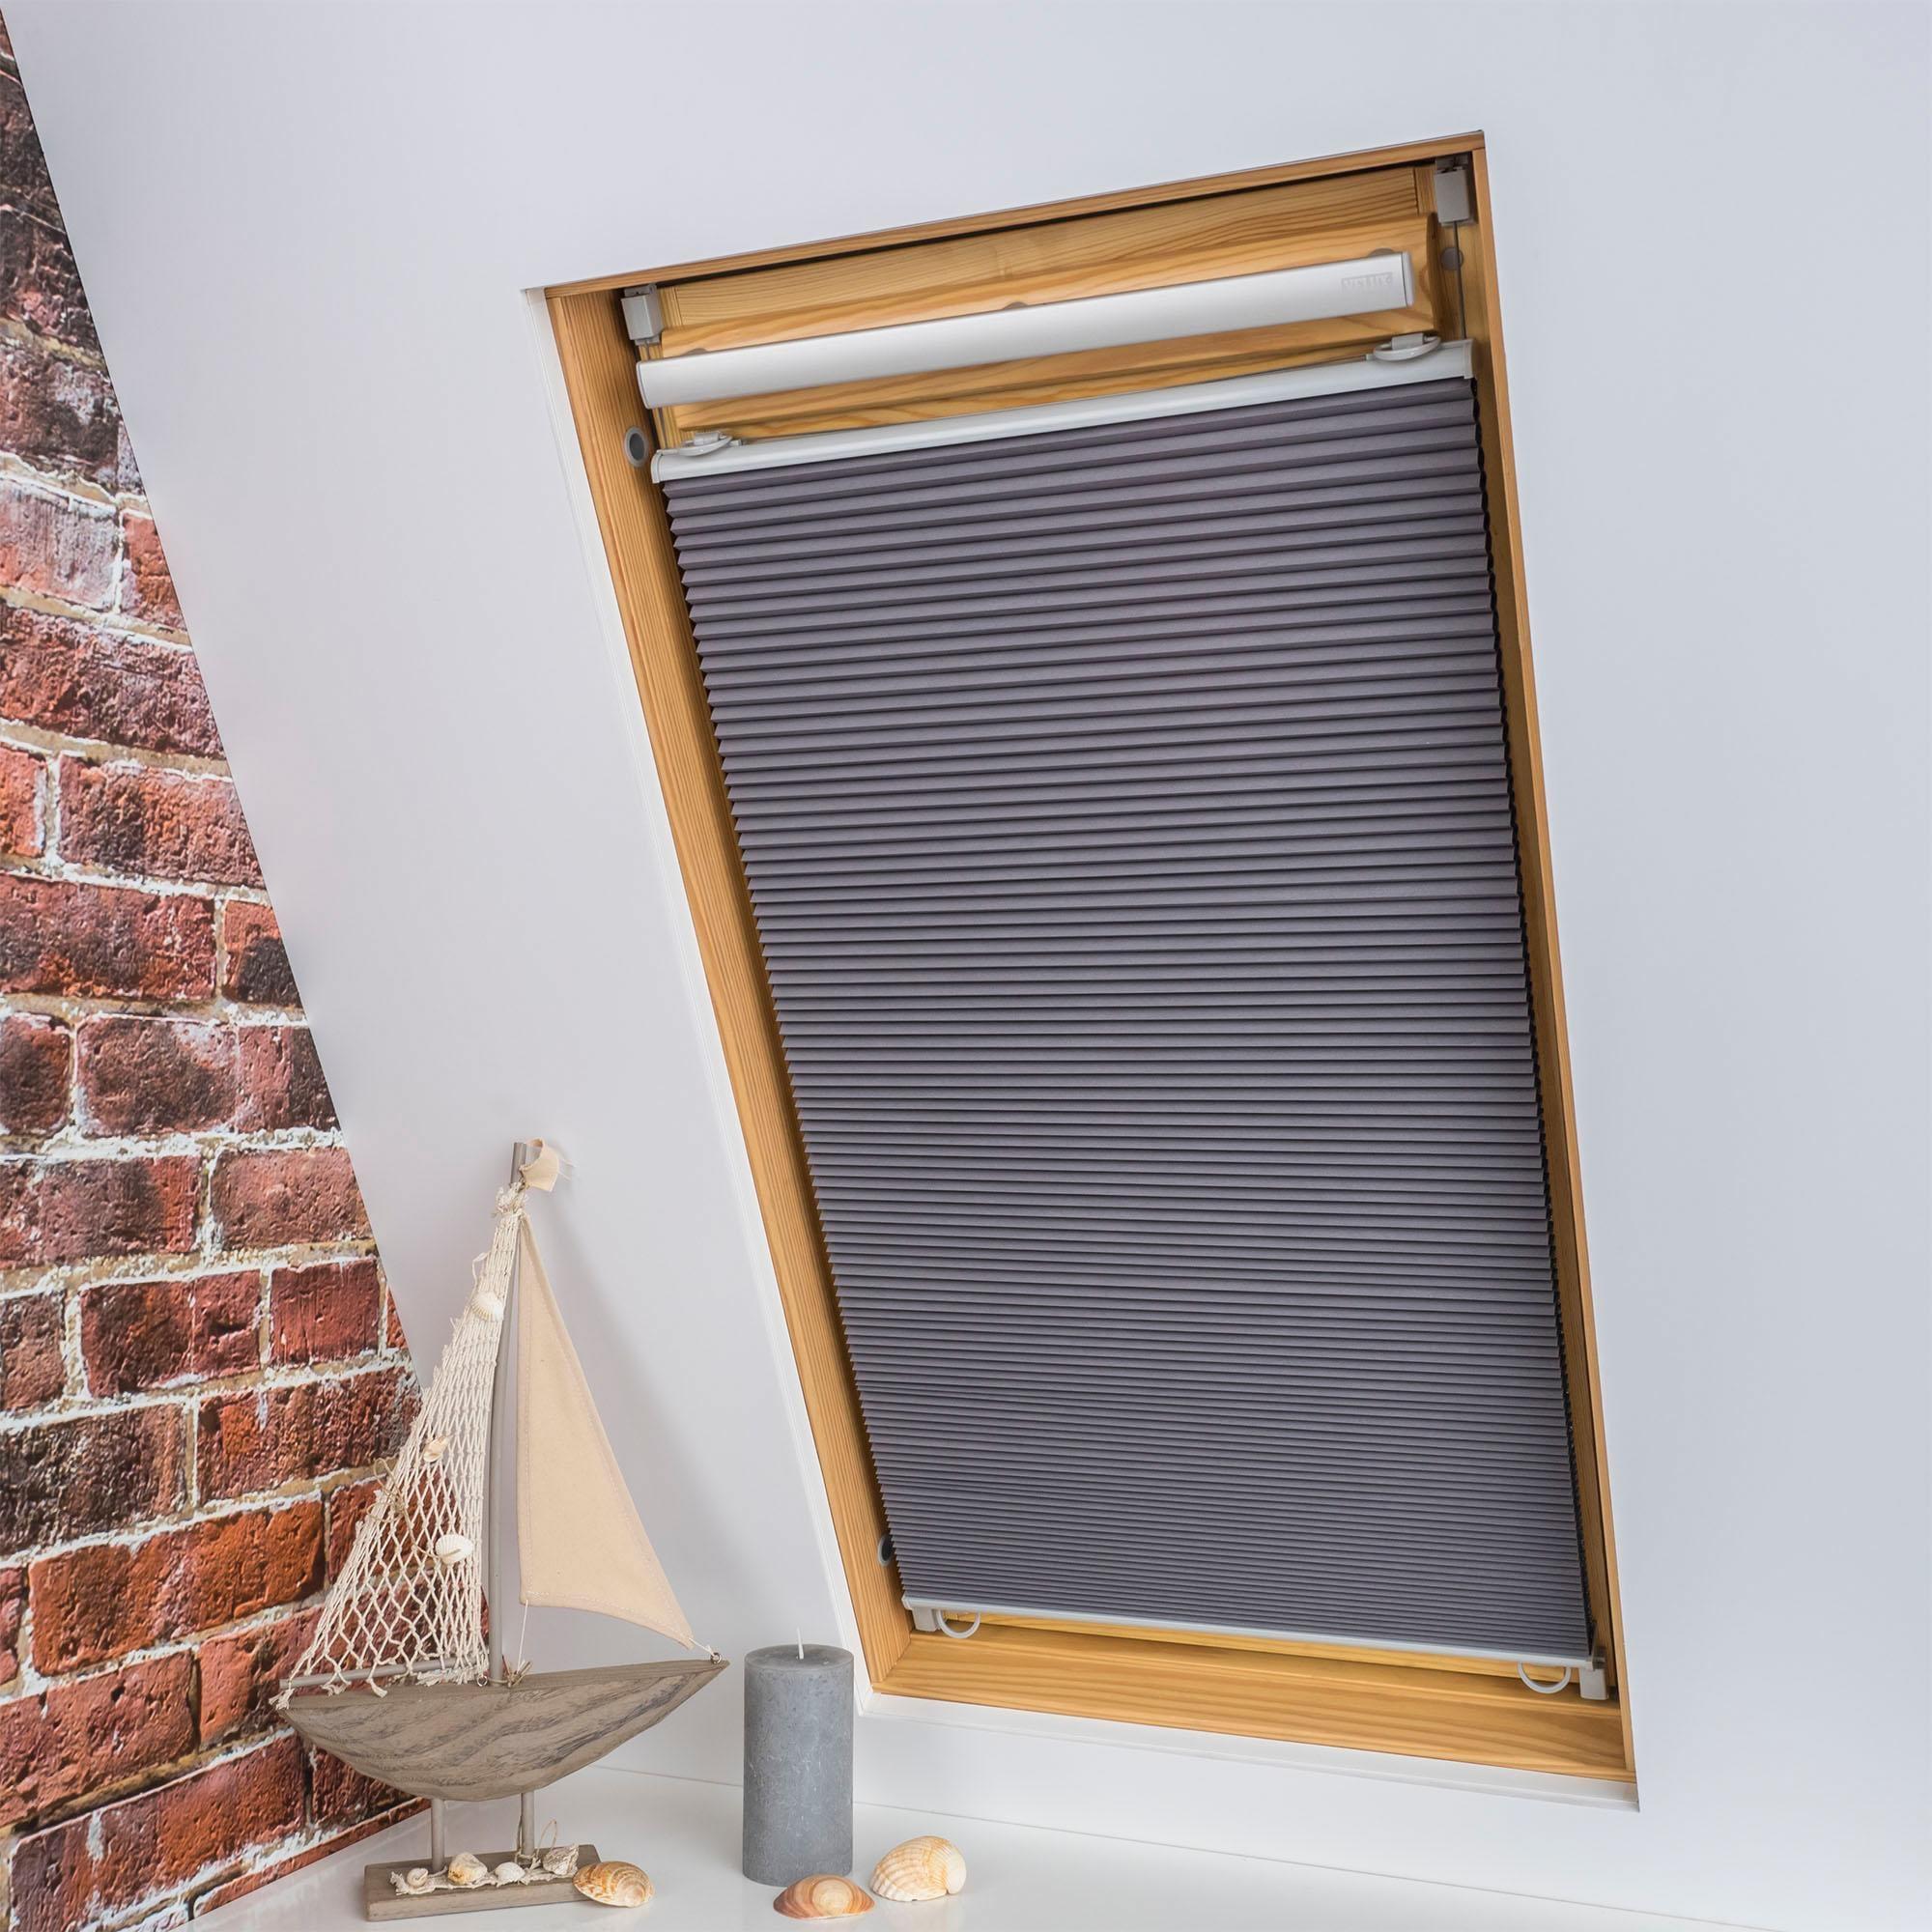 Dachfensterplissee Universal Dachfenster-Plissee Liedeco verdunkelnd ohne Bohren verspannt Wohnen/Wohntextilien/Rollos & Jalousien/Plissees/Dachfensterplissees